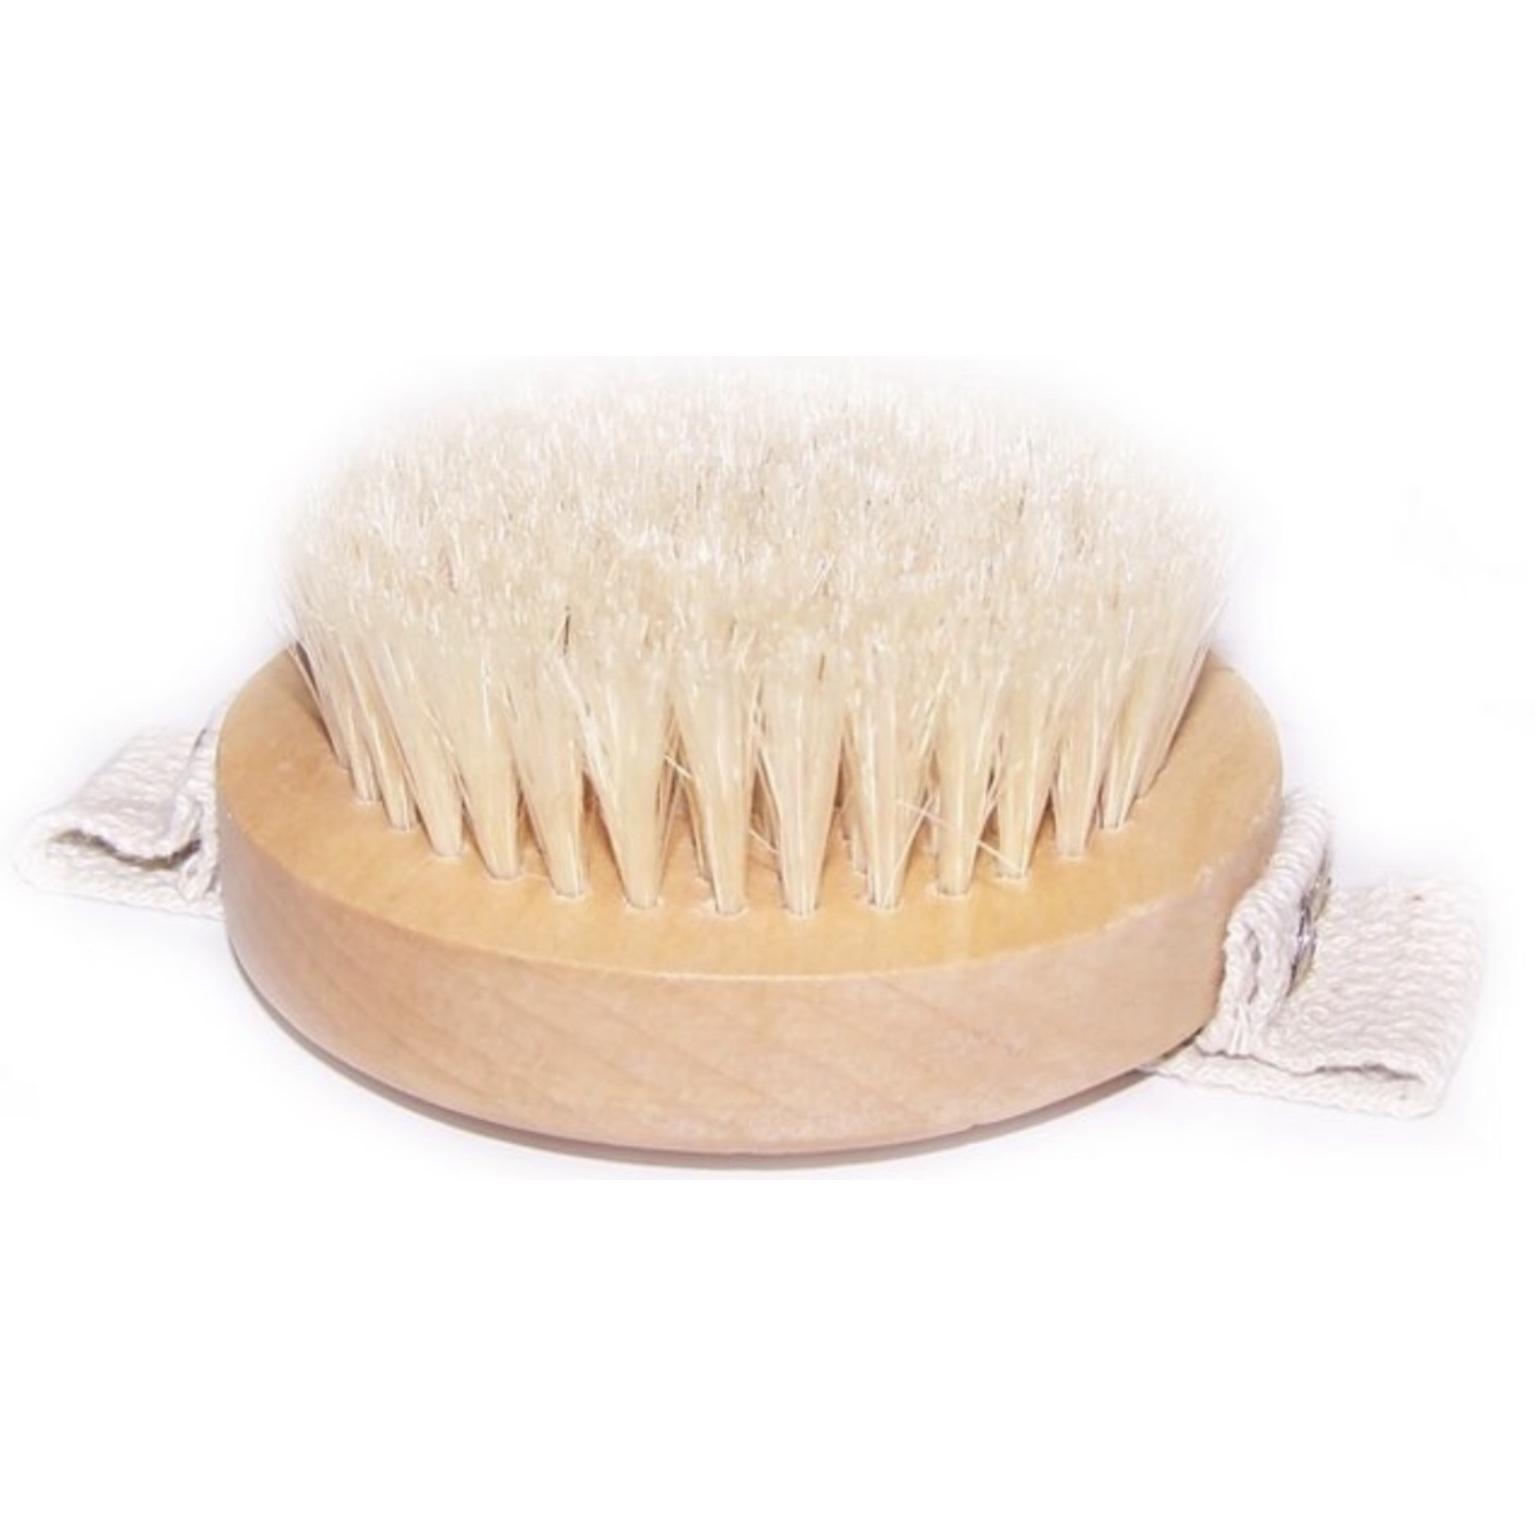 Body Scrub Brush